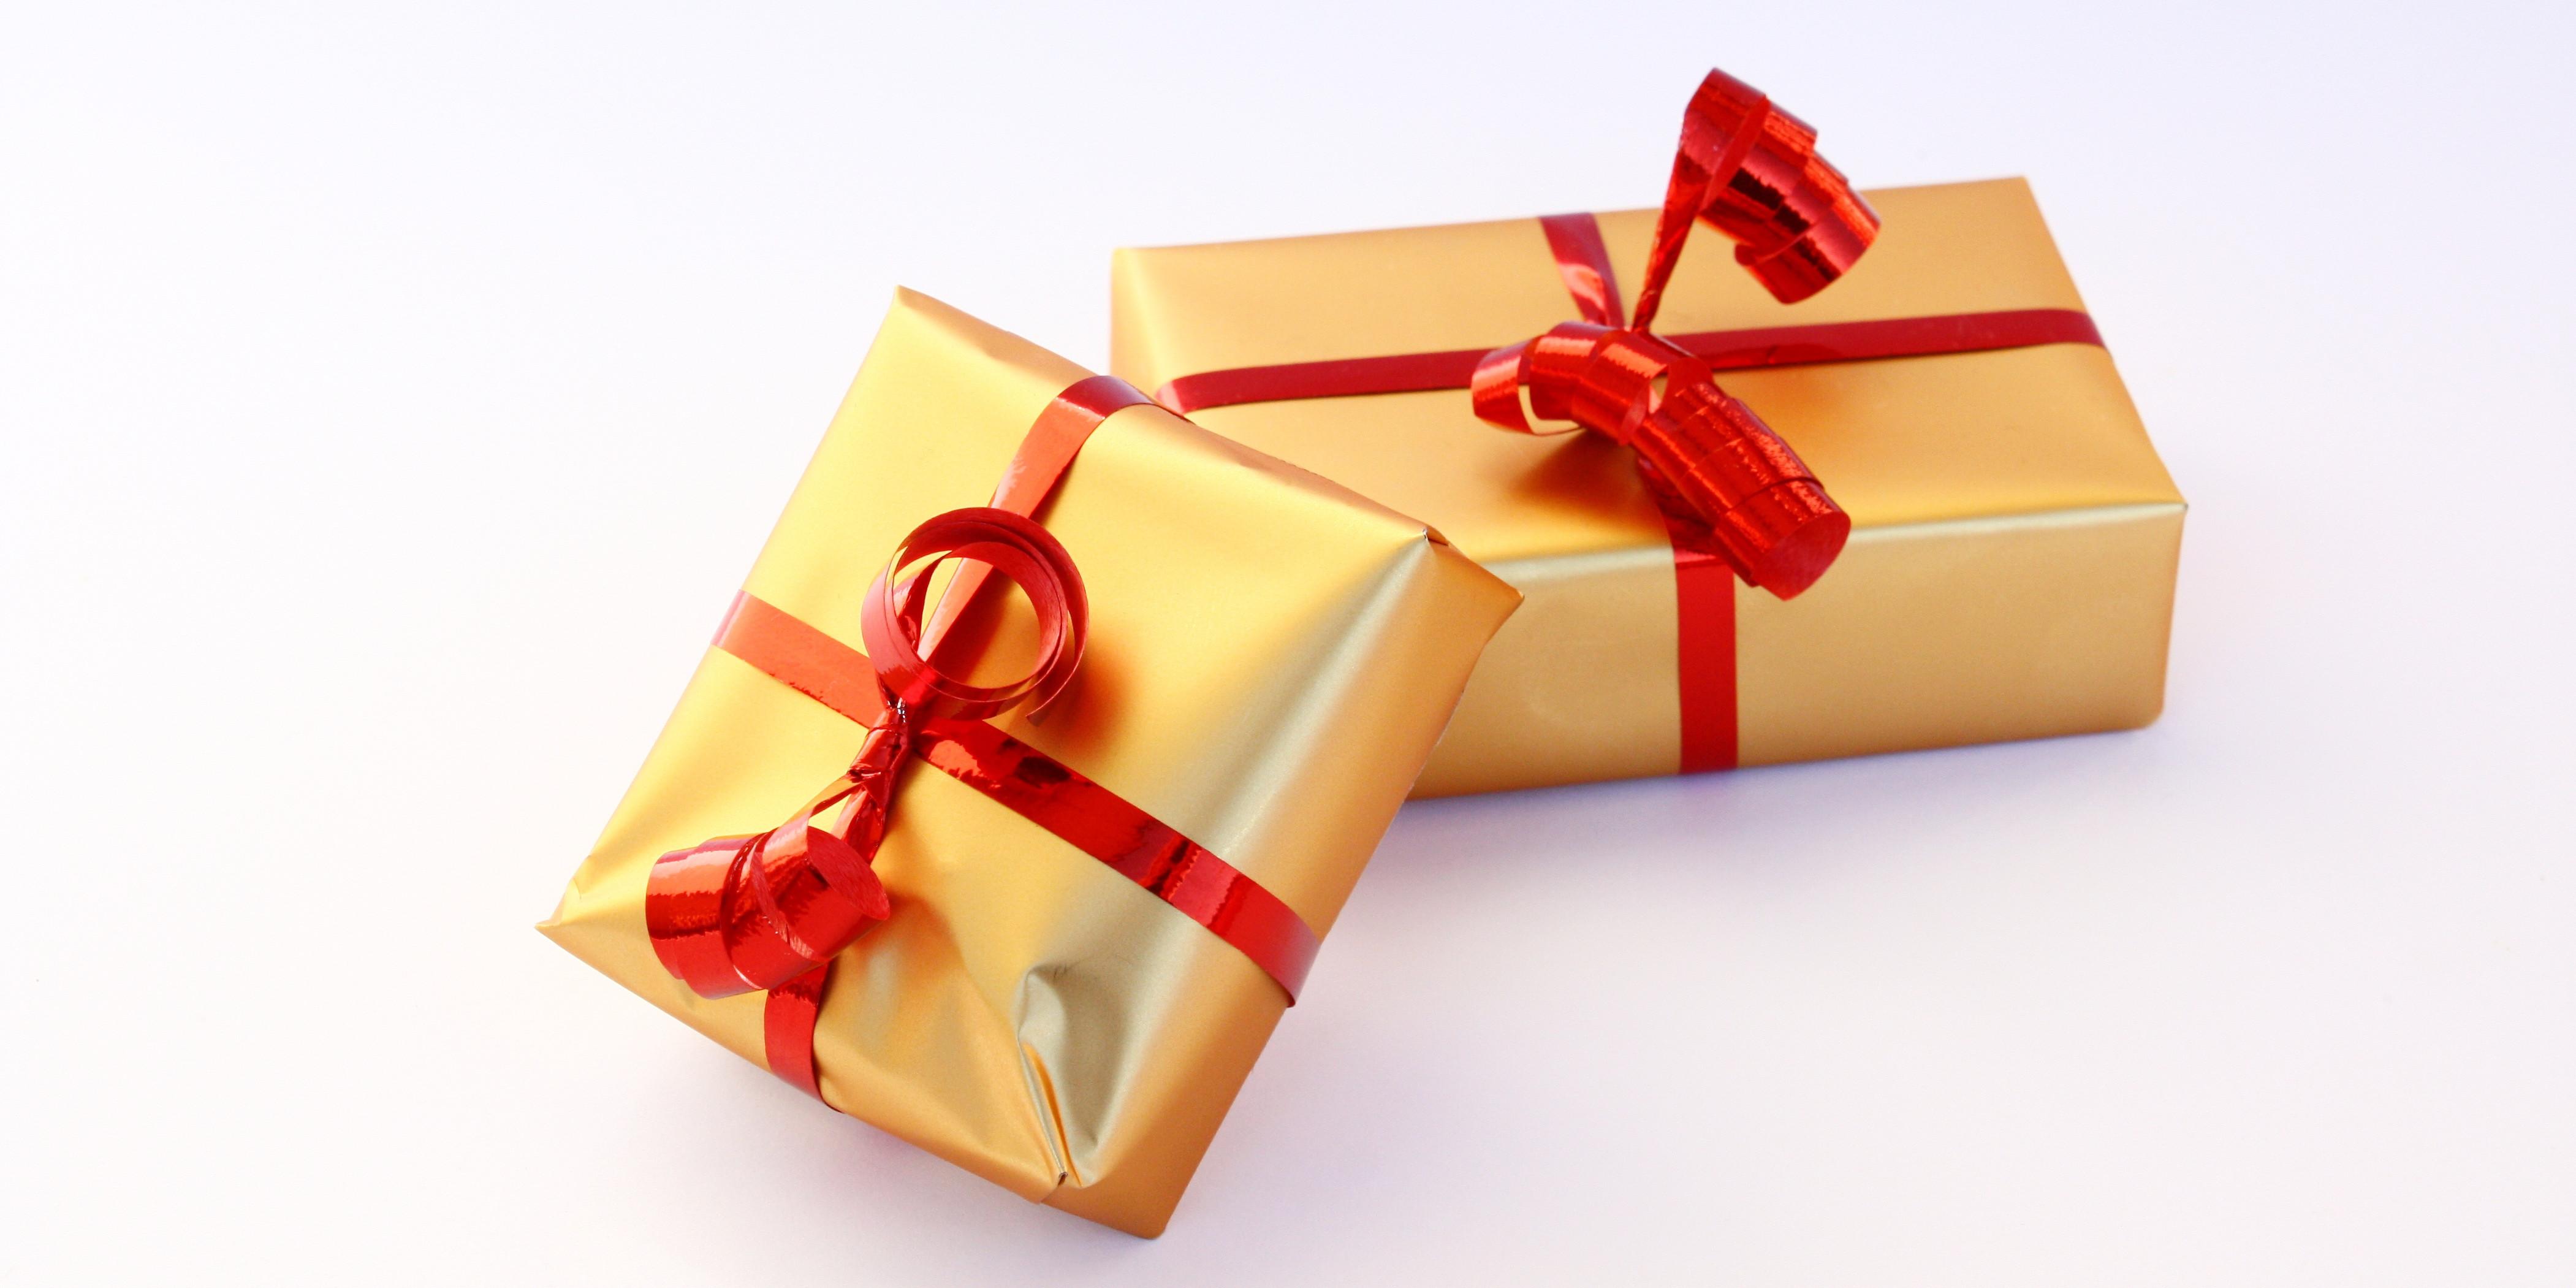 Geschenke Für Psychologen  Geschenke einpacken Anleitung & Ideen für Dummies